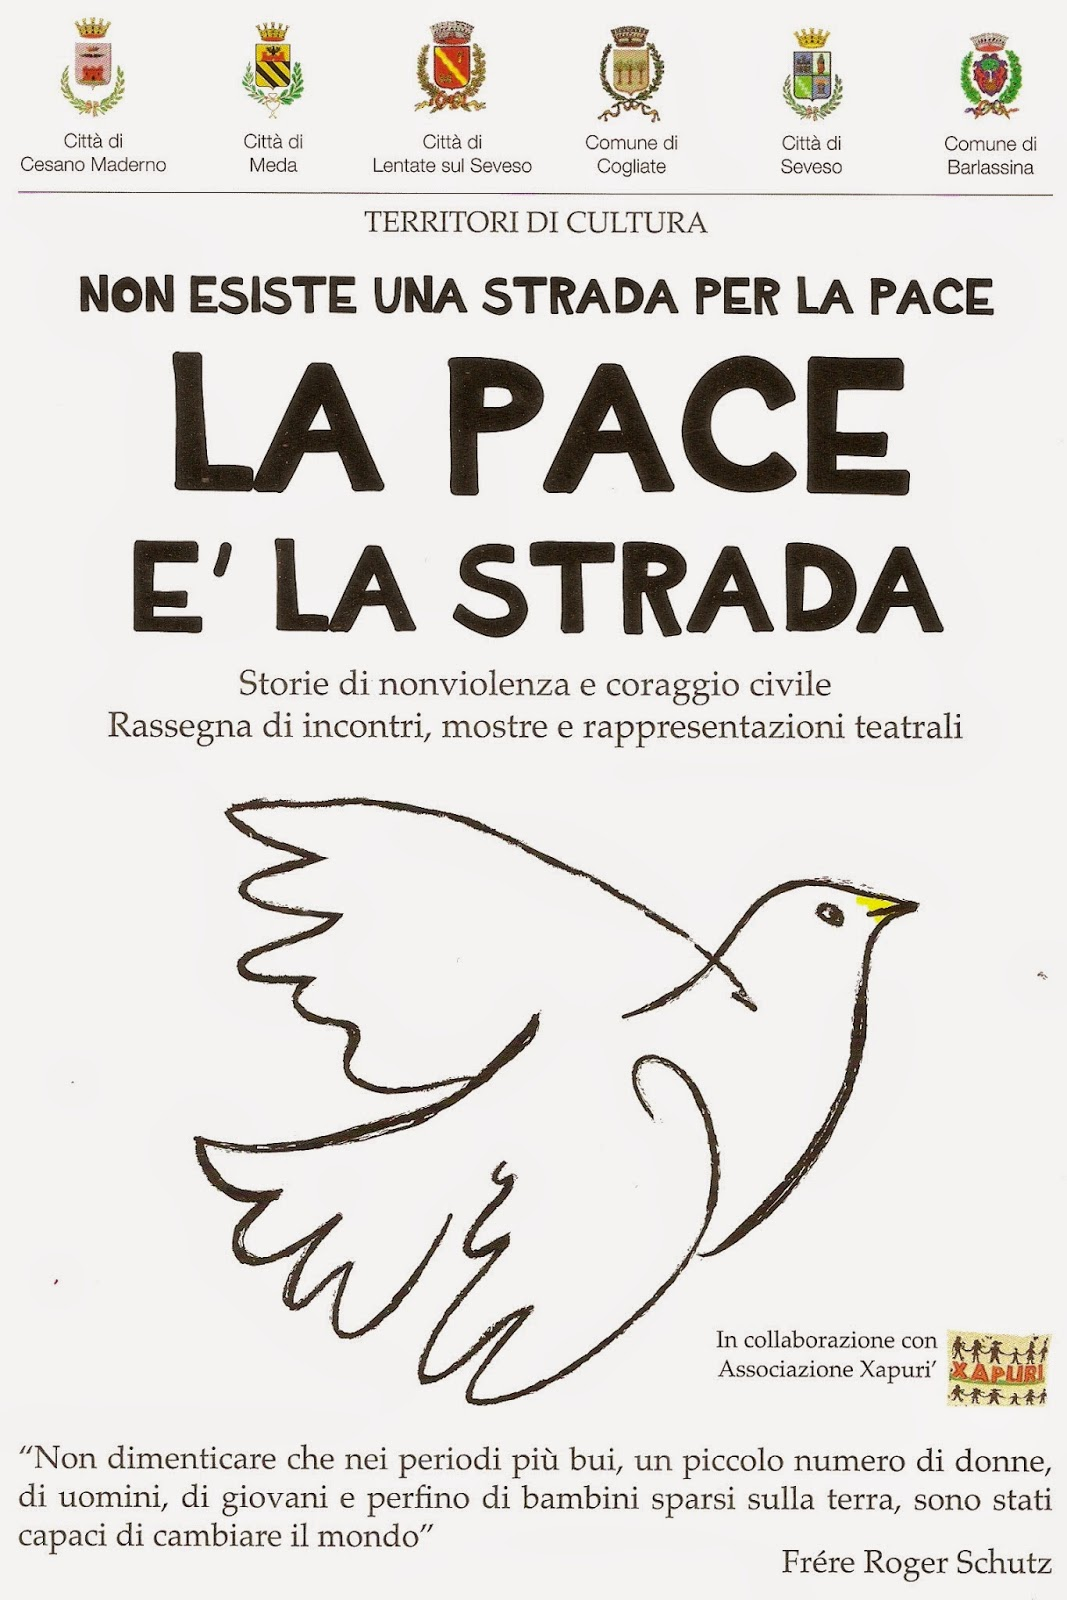 http://brianzacentrale.blogspot.it/2015/02/sei-comuni-della-brianza-per-la-pace-il.html